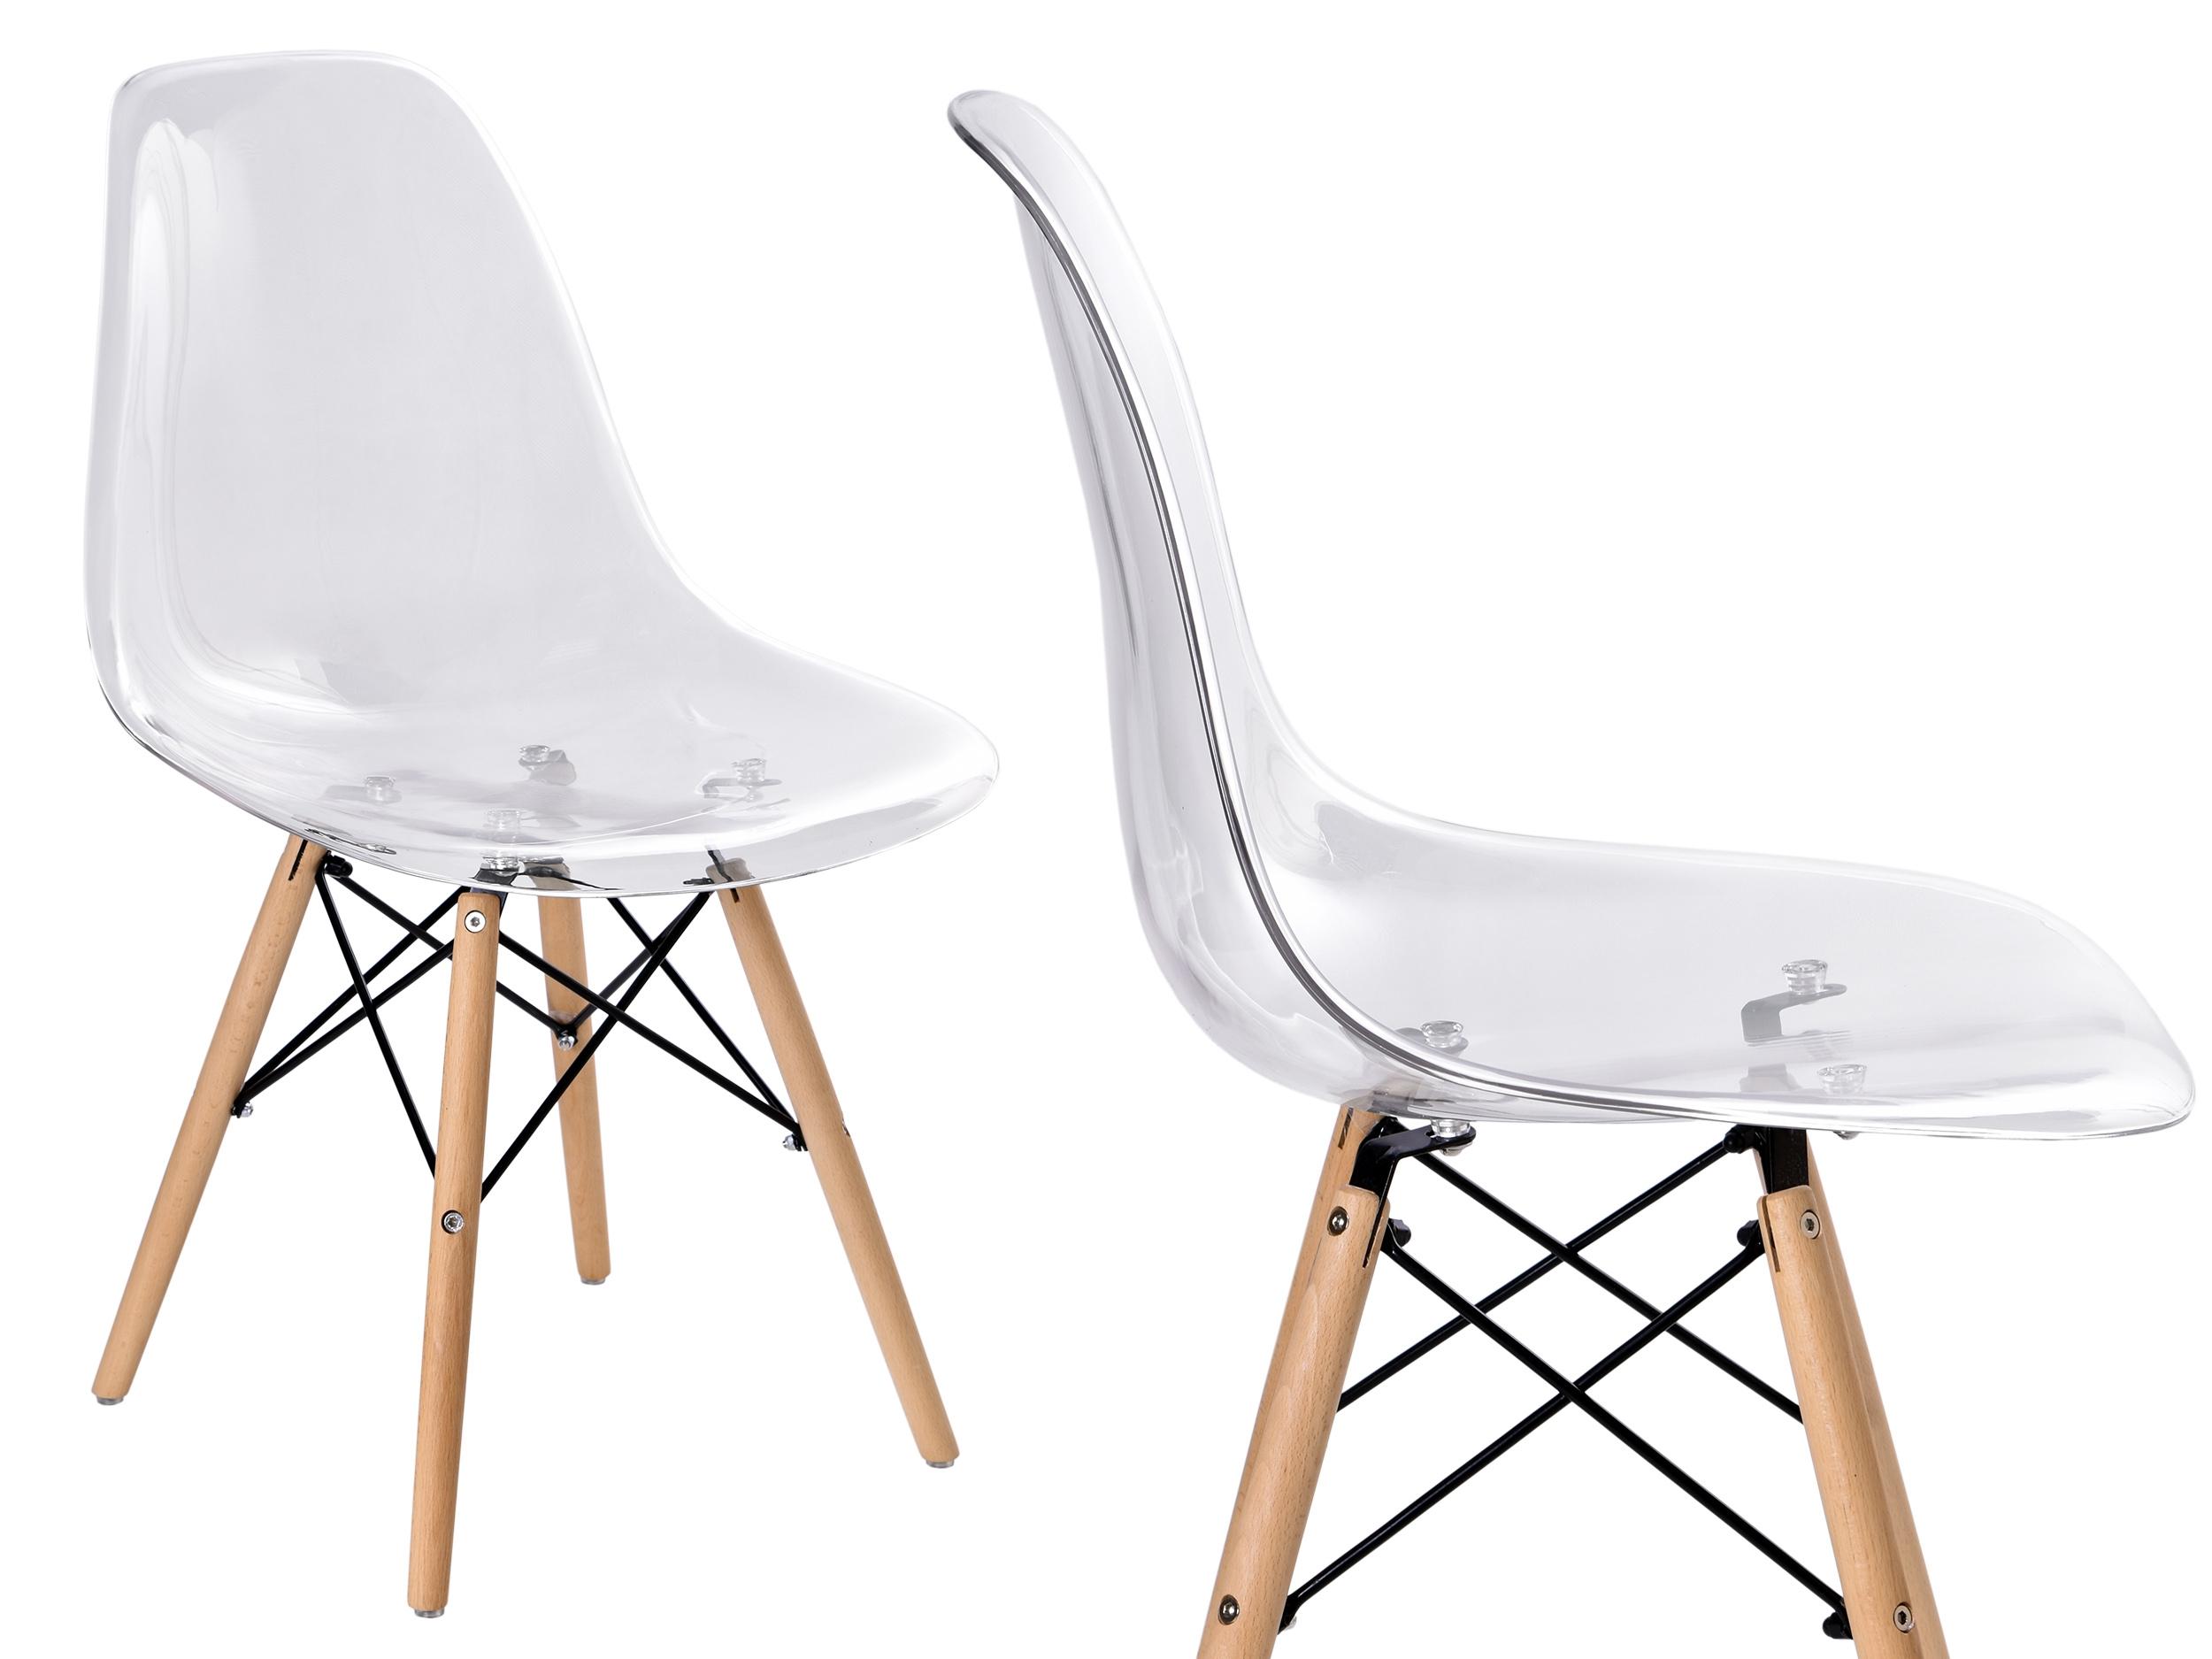 Krzesło skandynawskie DSR styl EIFFEL transparentne A Z MARKET